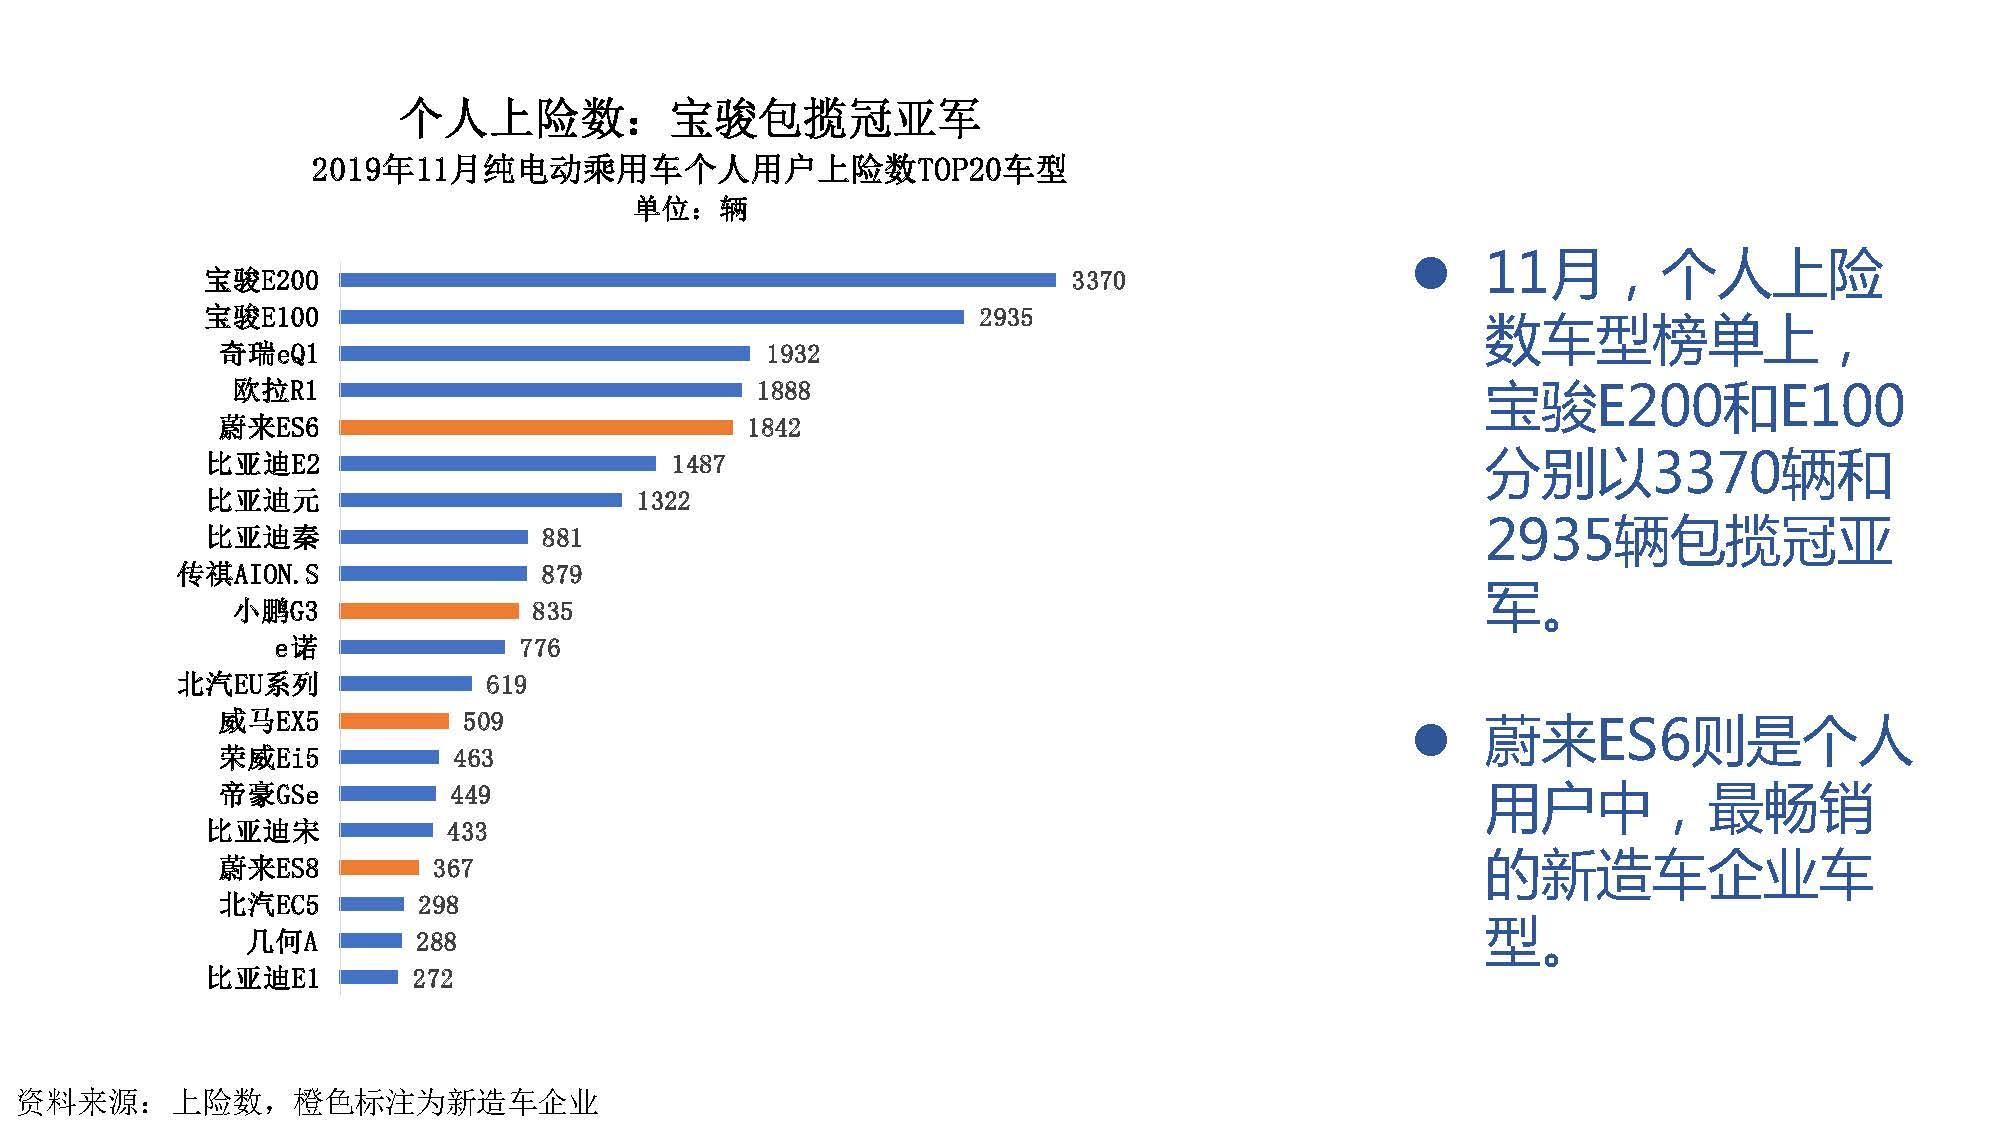 2019年11月中国新能源汽车产业观察_页面_058